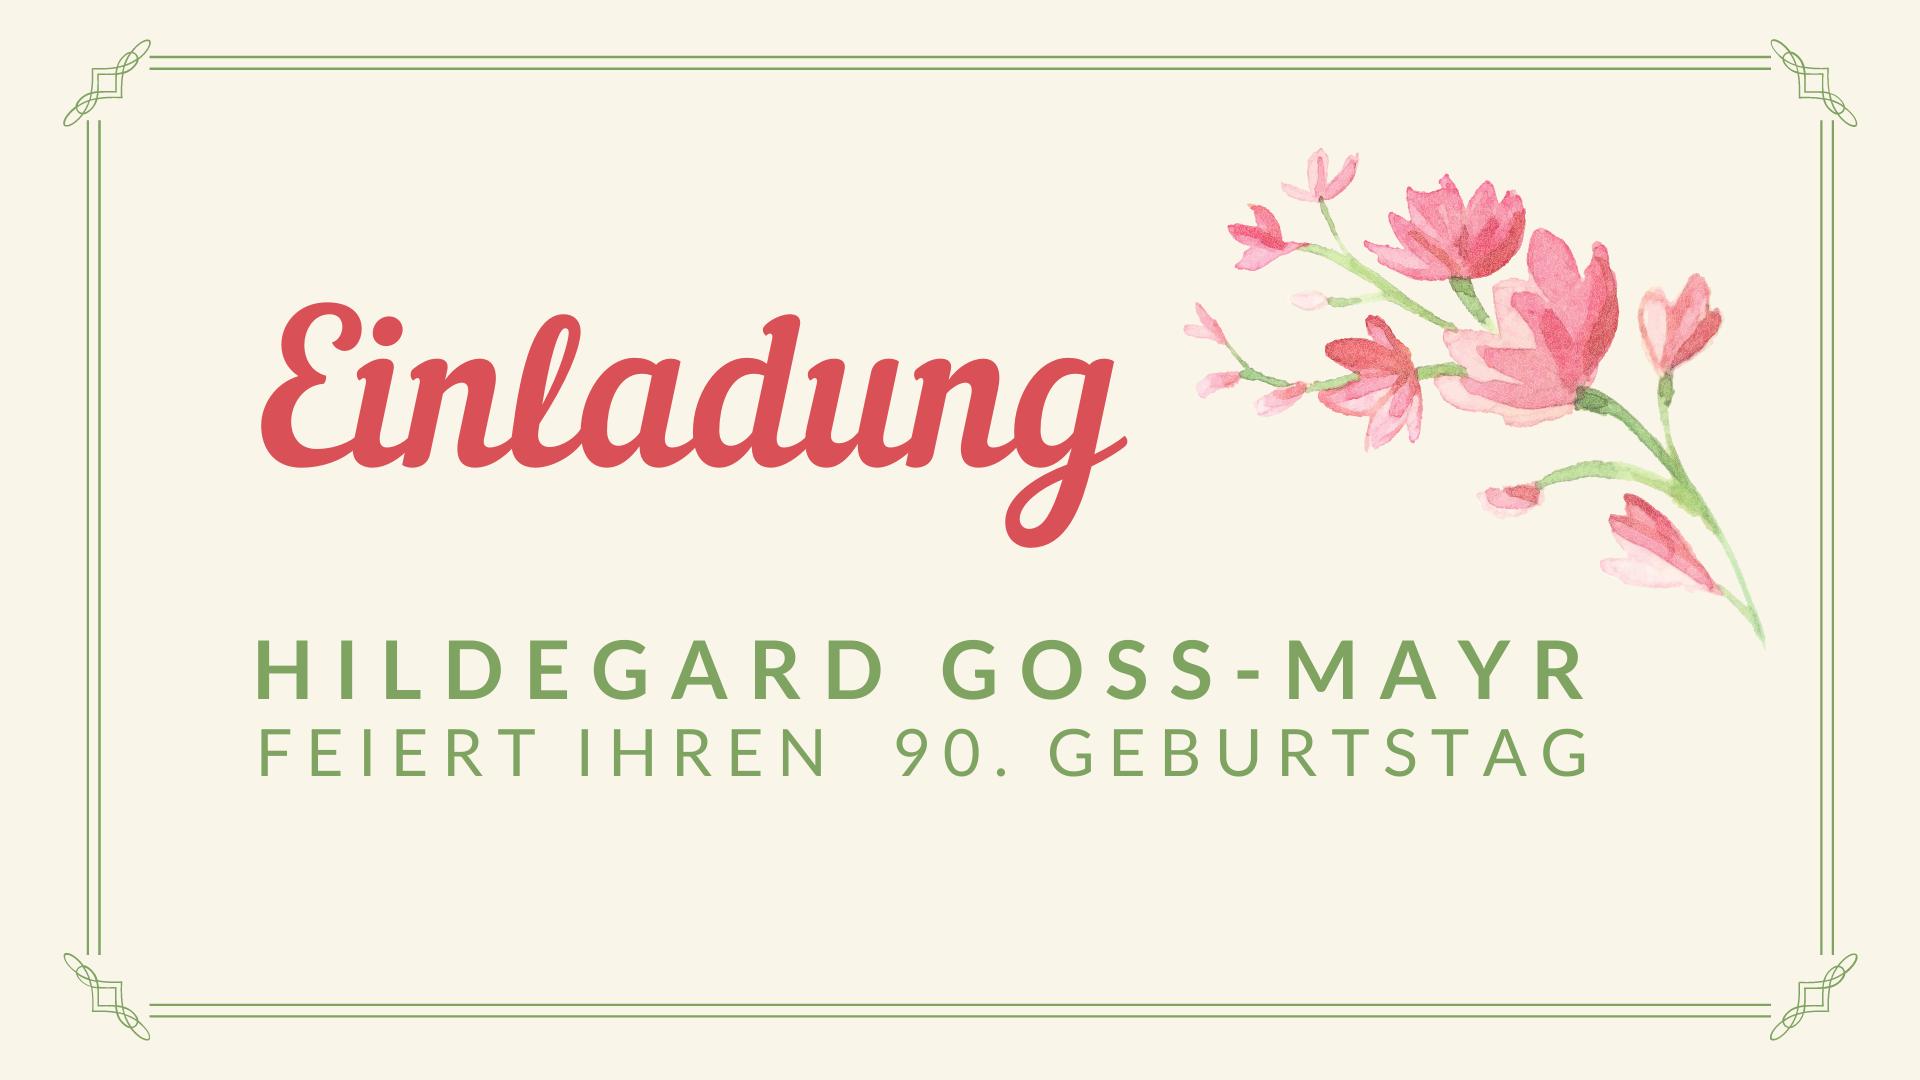 Einladung Hildegard Goss-Mayr